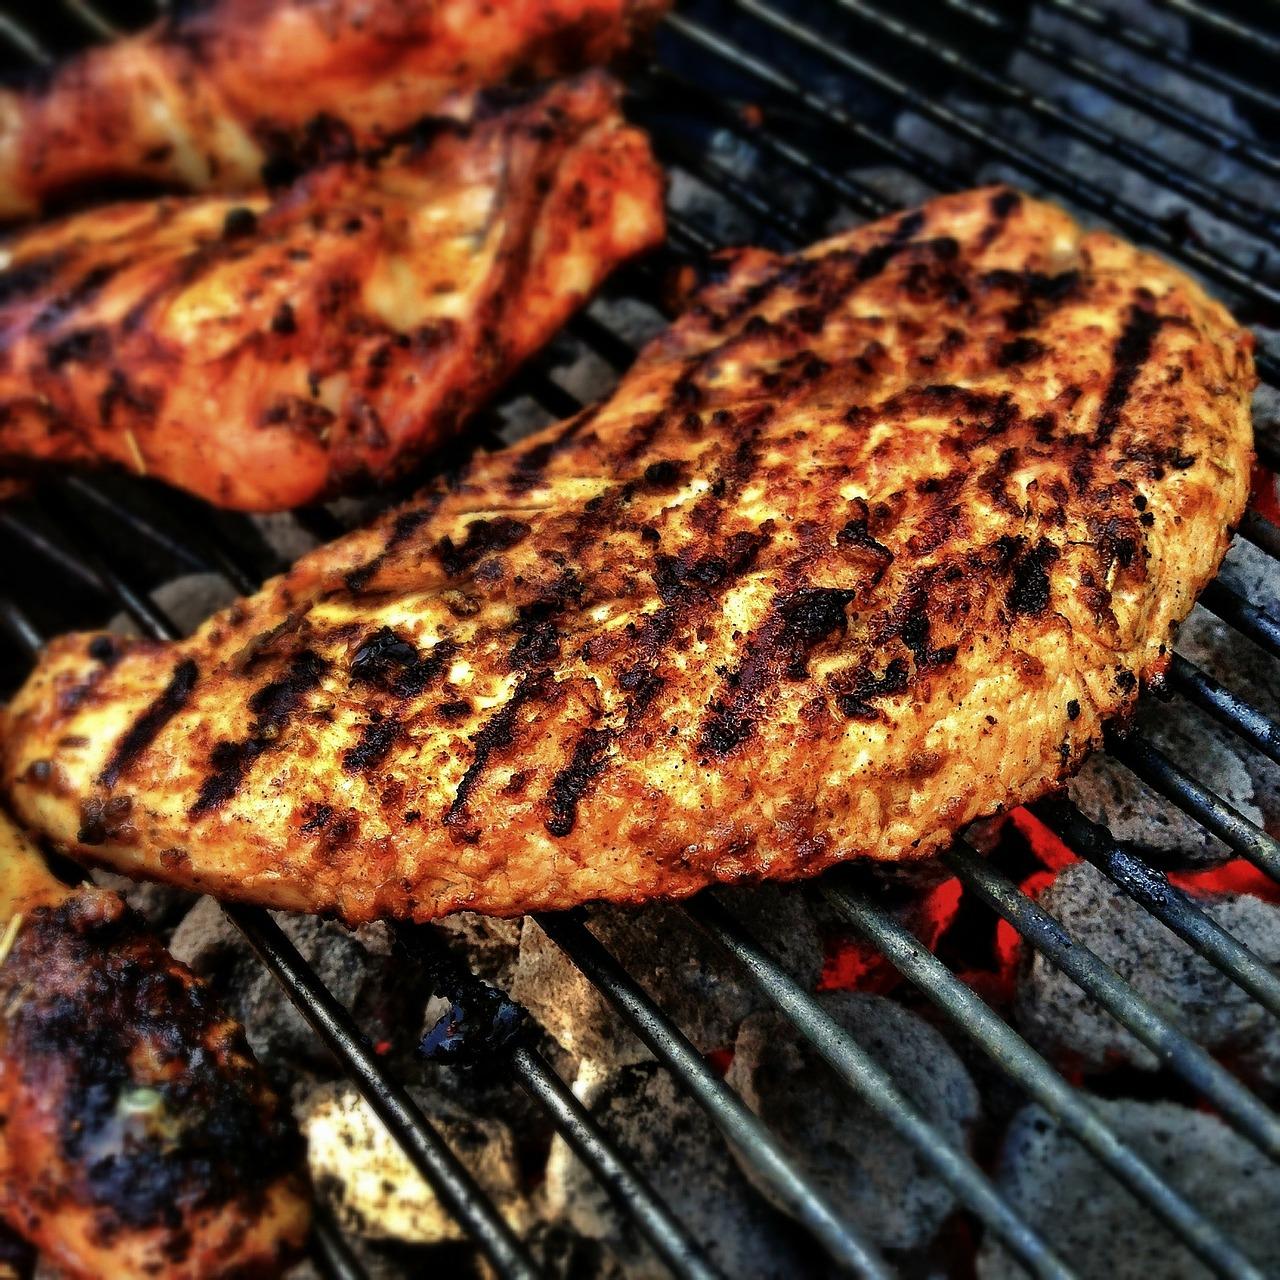 Oferta sprzętu do obróbki mięsa